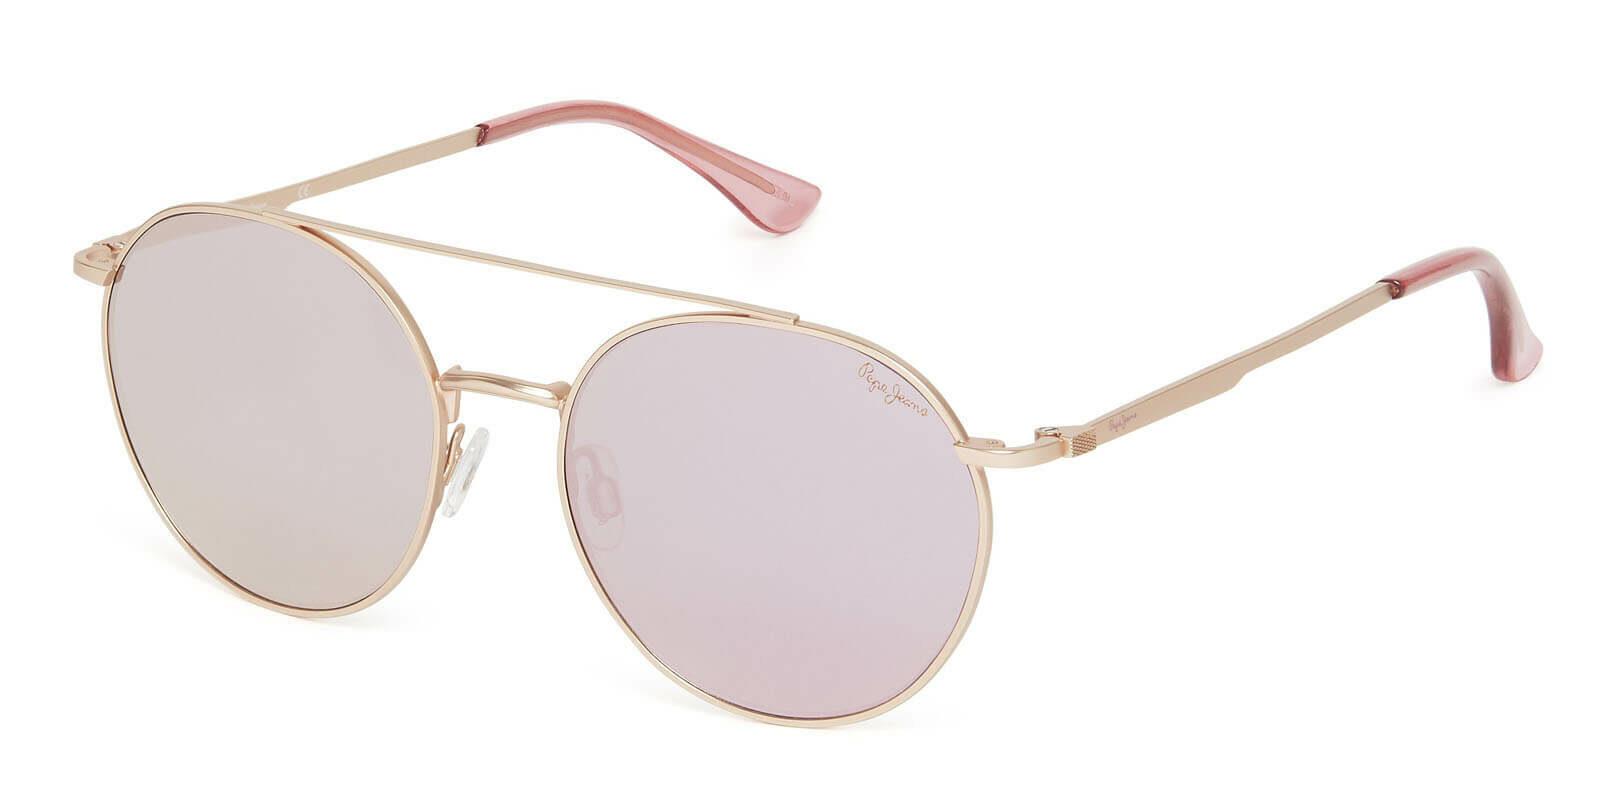 pepe-jeans-damen-sonnenbrille-doppelsteg-gold.jpg.pagespeed.ce.nz5IWu236P